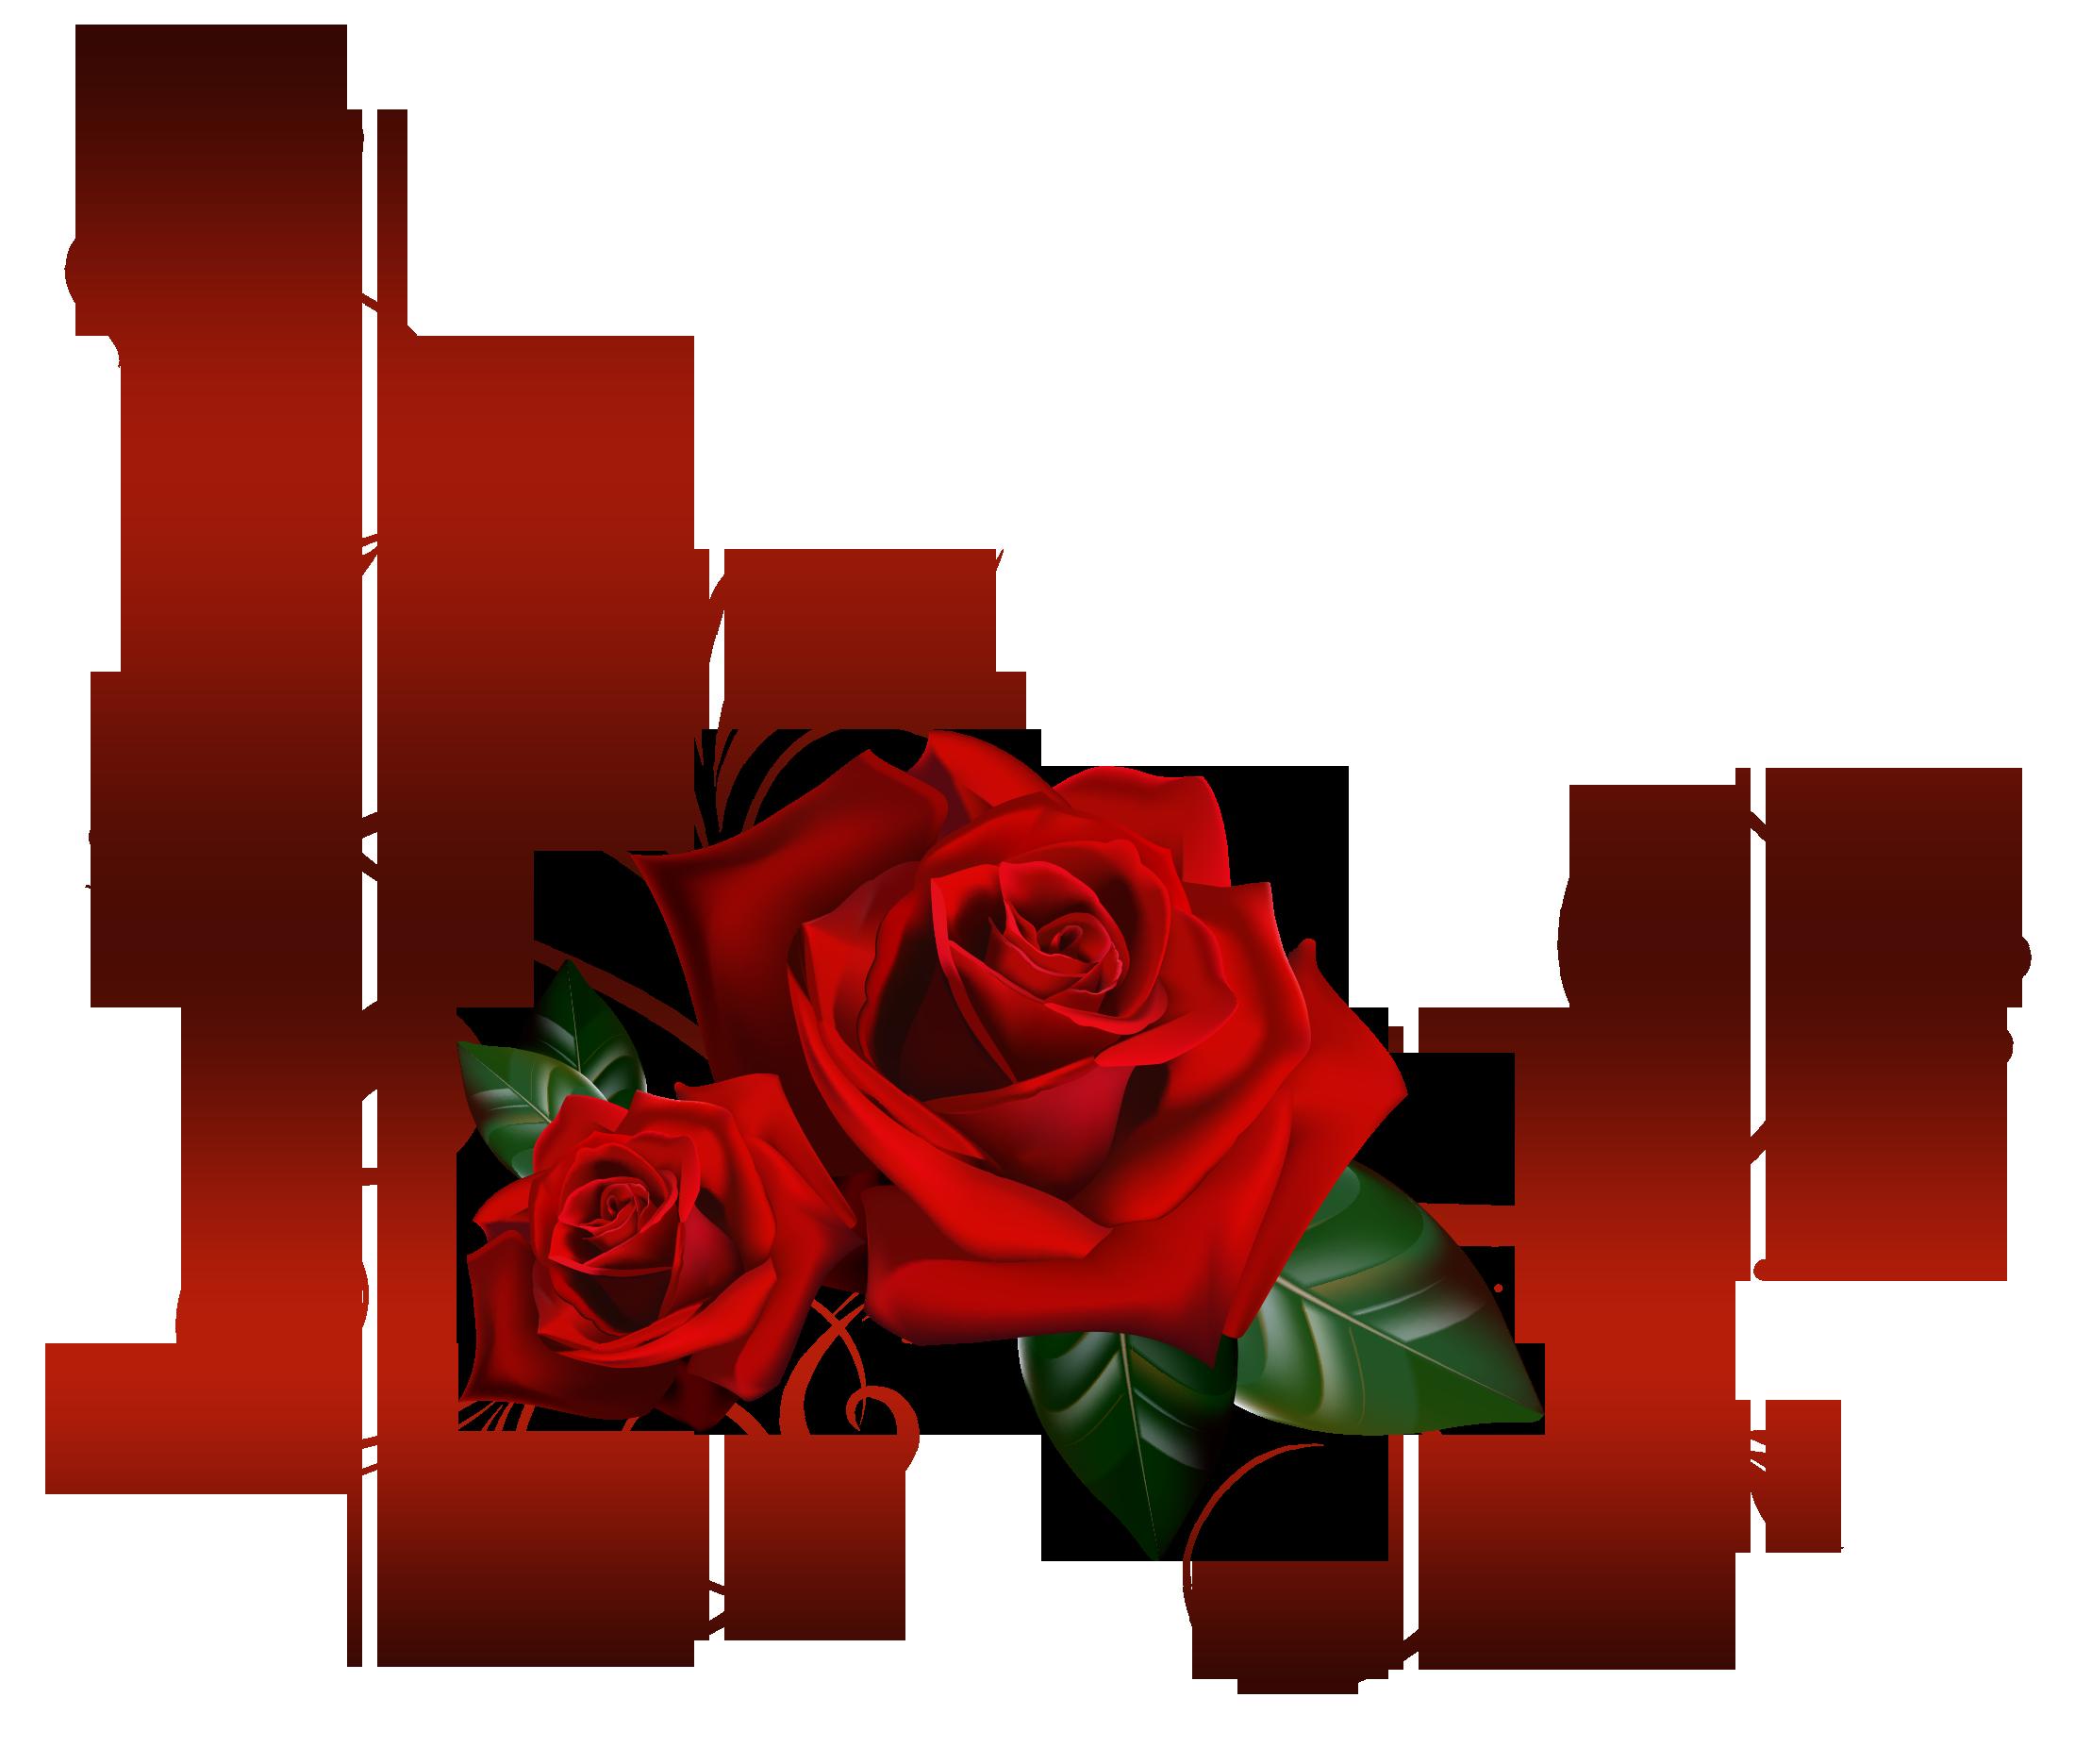 Цветы для вставки в текст поздравления 32